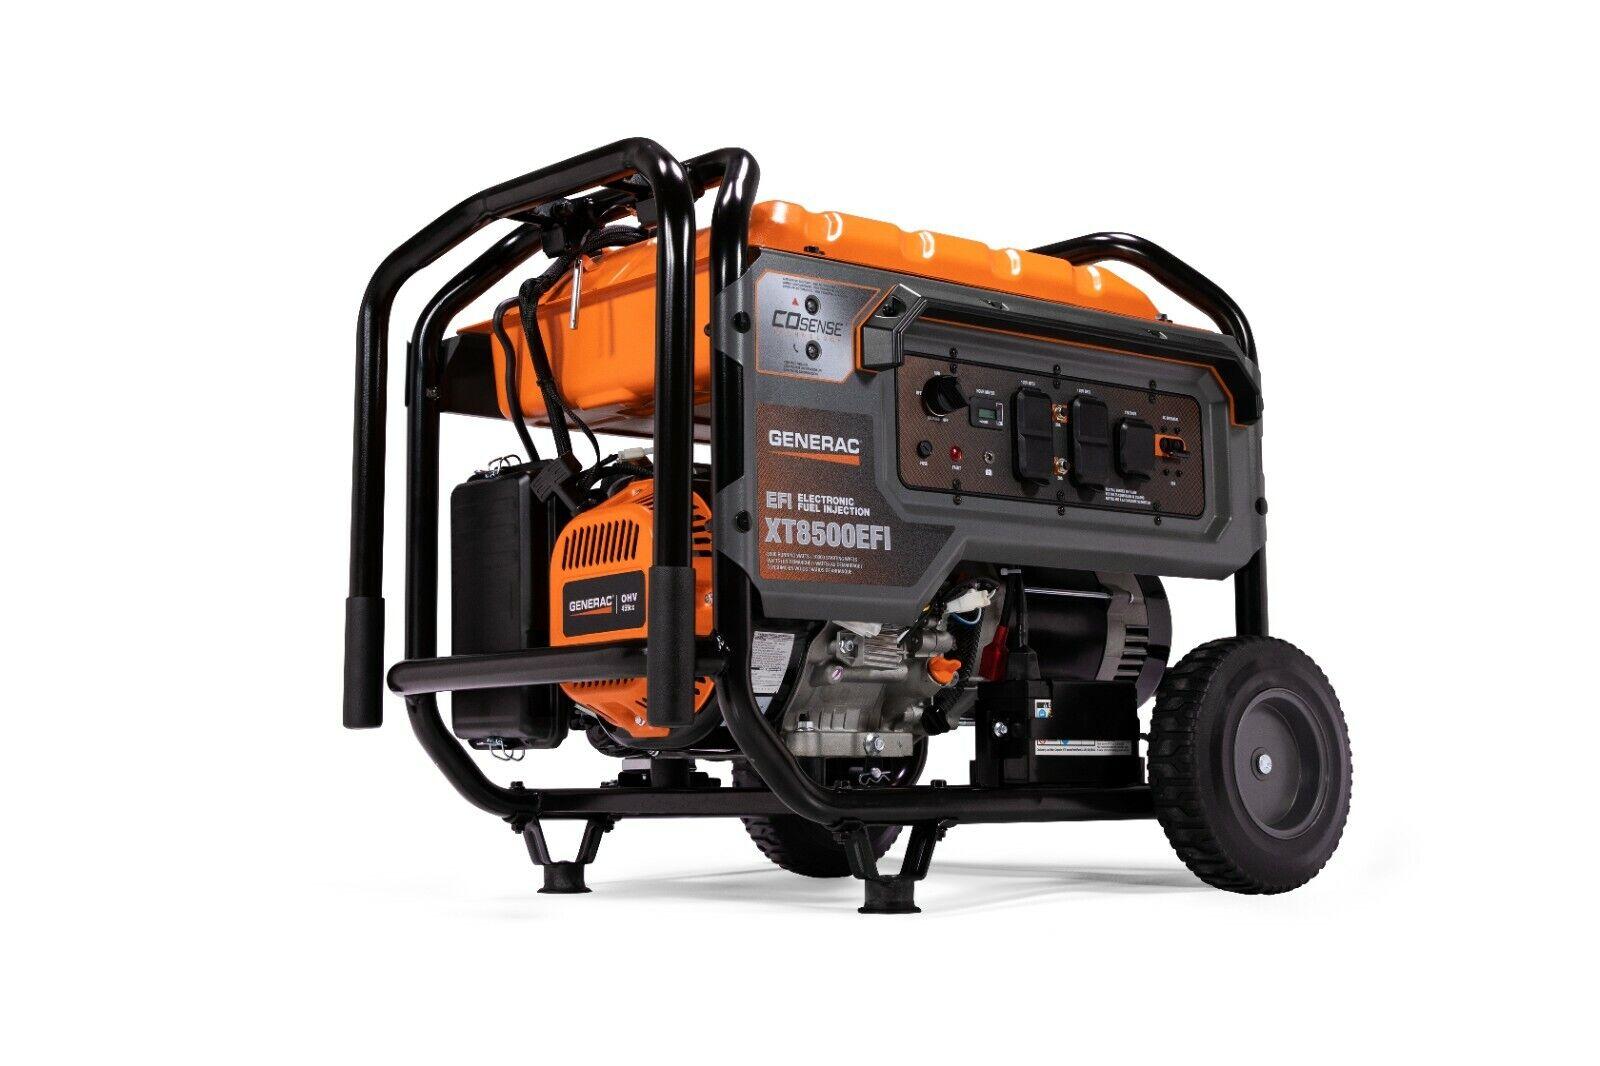 Generac 7247 - XT8500EFI Portable Generator w/ COsense